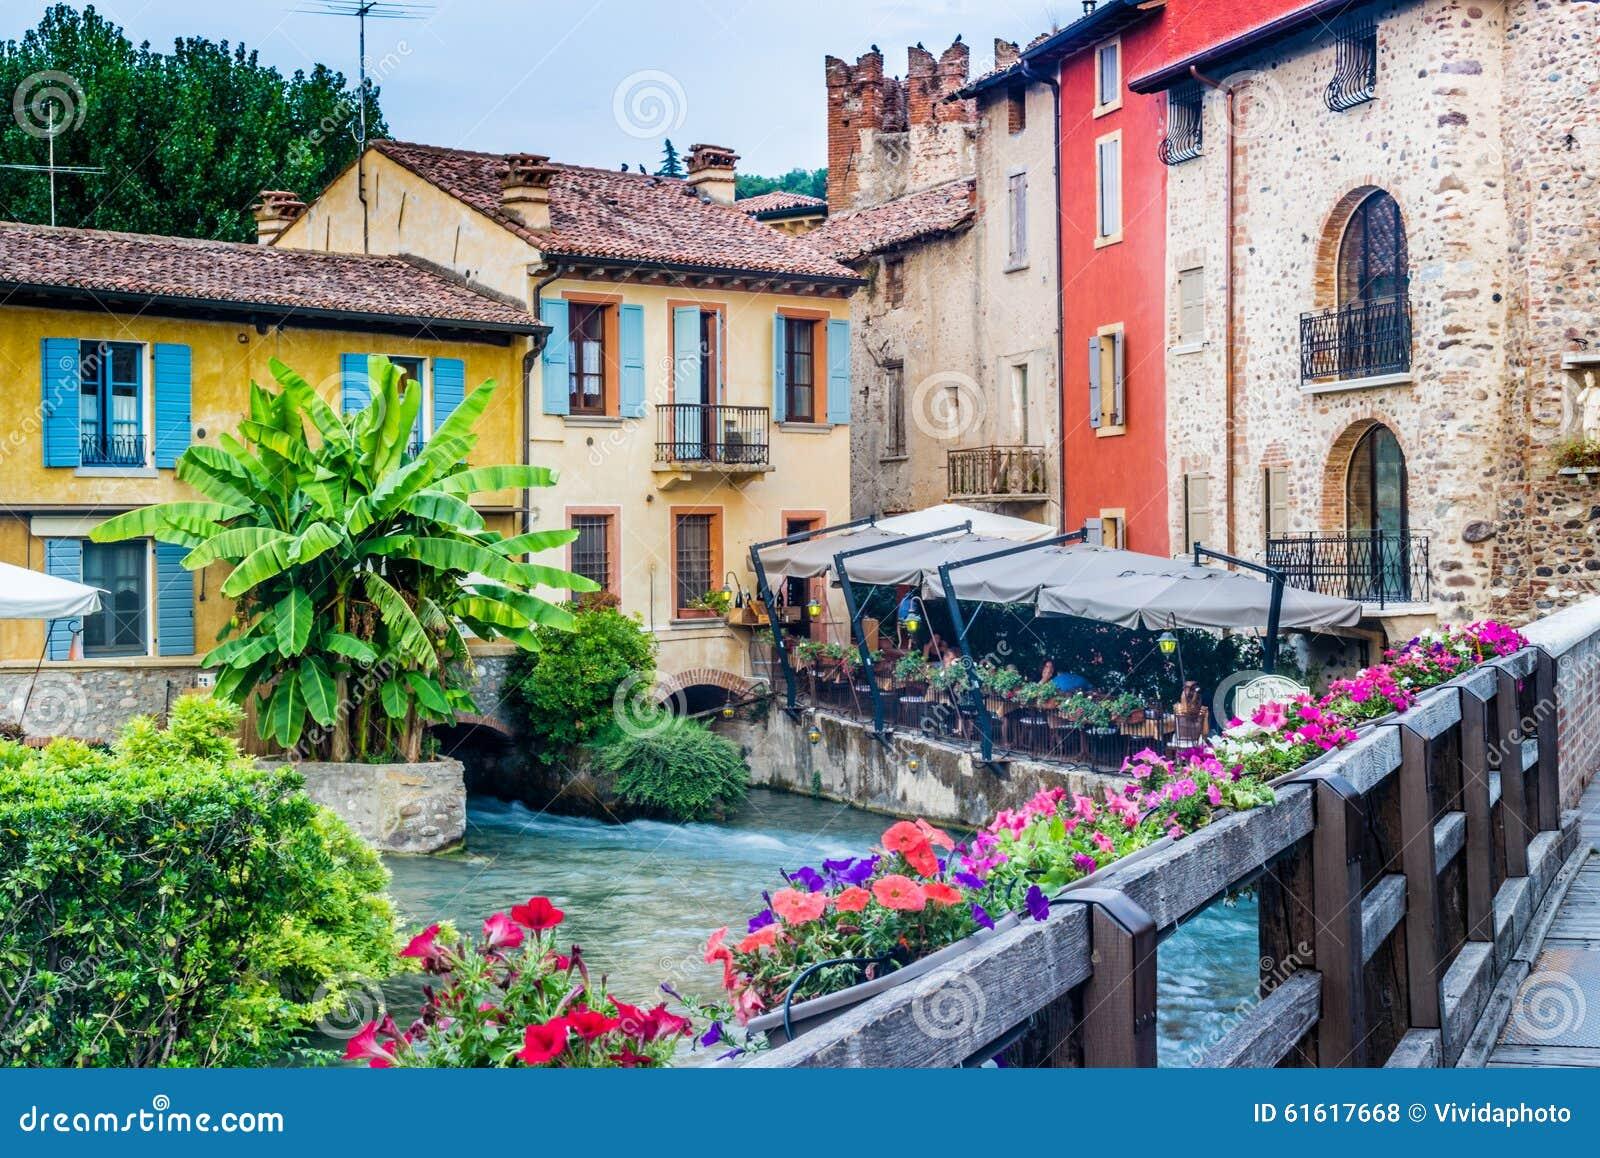 Águas e construções antigas da vila medieval italiana